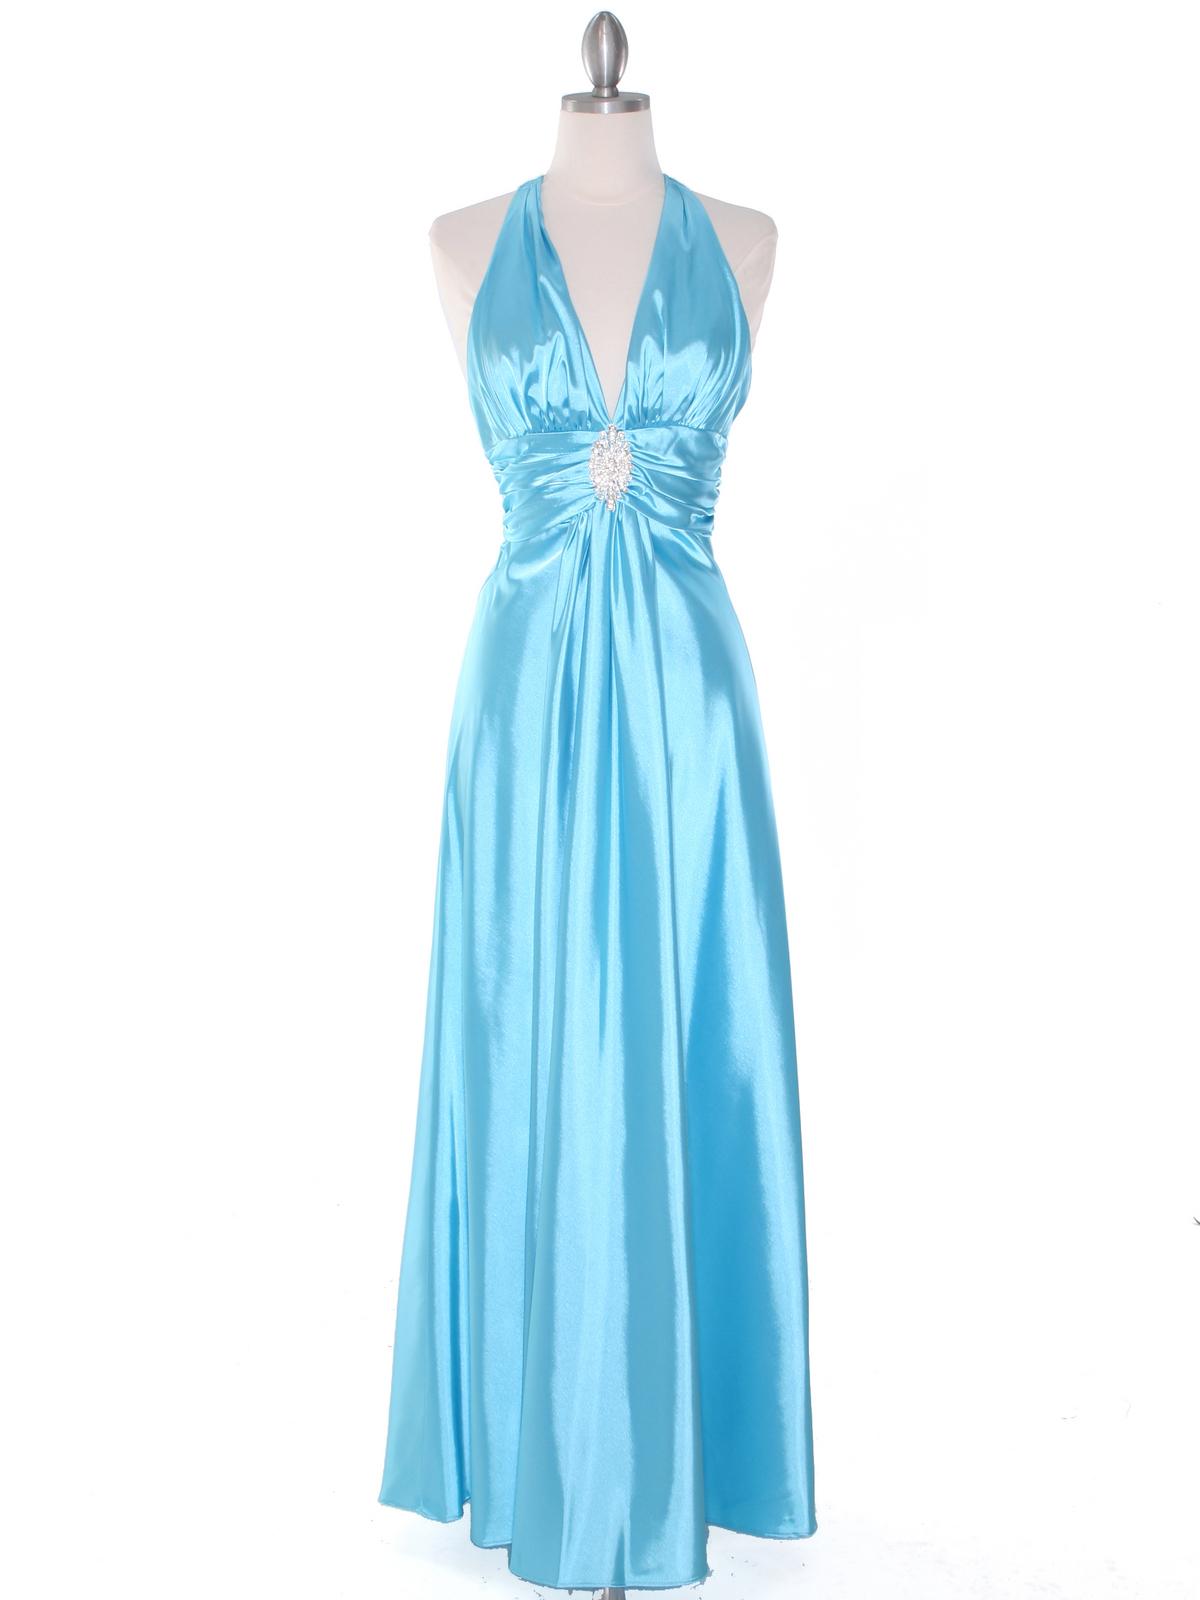 Aqua Satin Halter Evening Dress | Sung Boutique L.A.